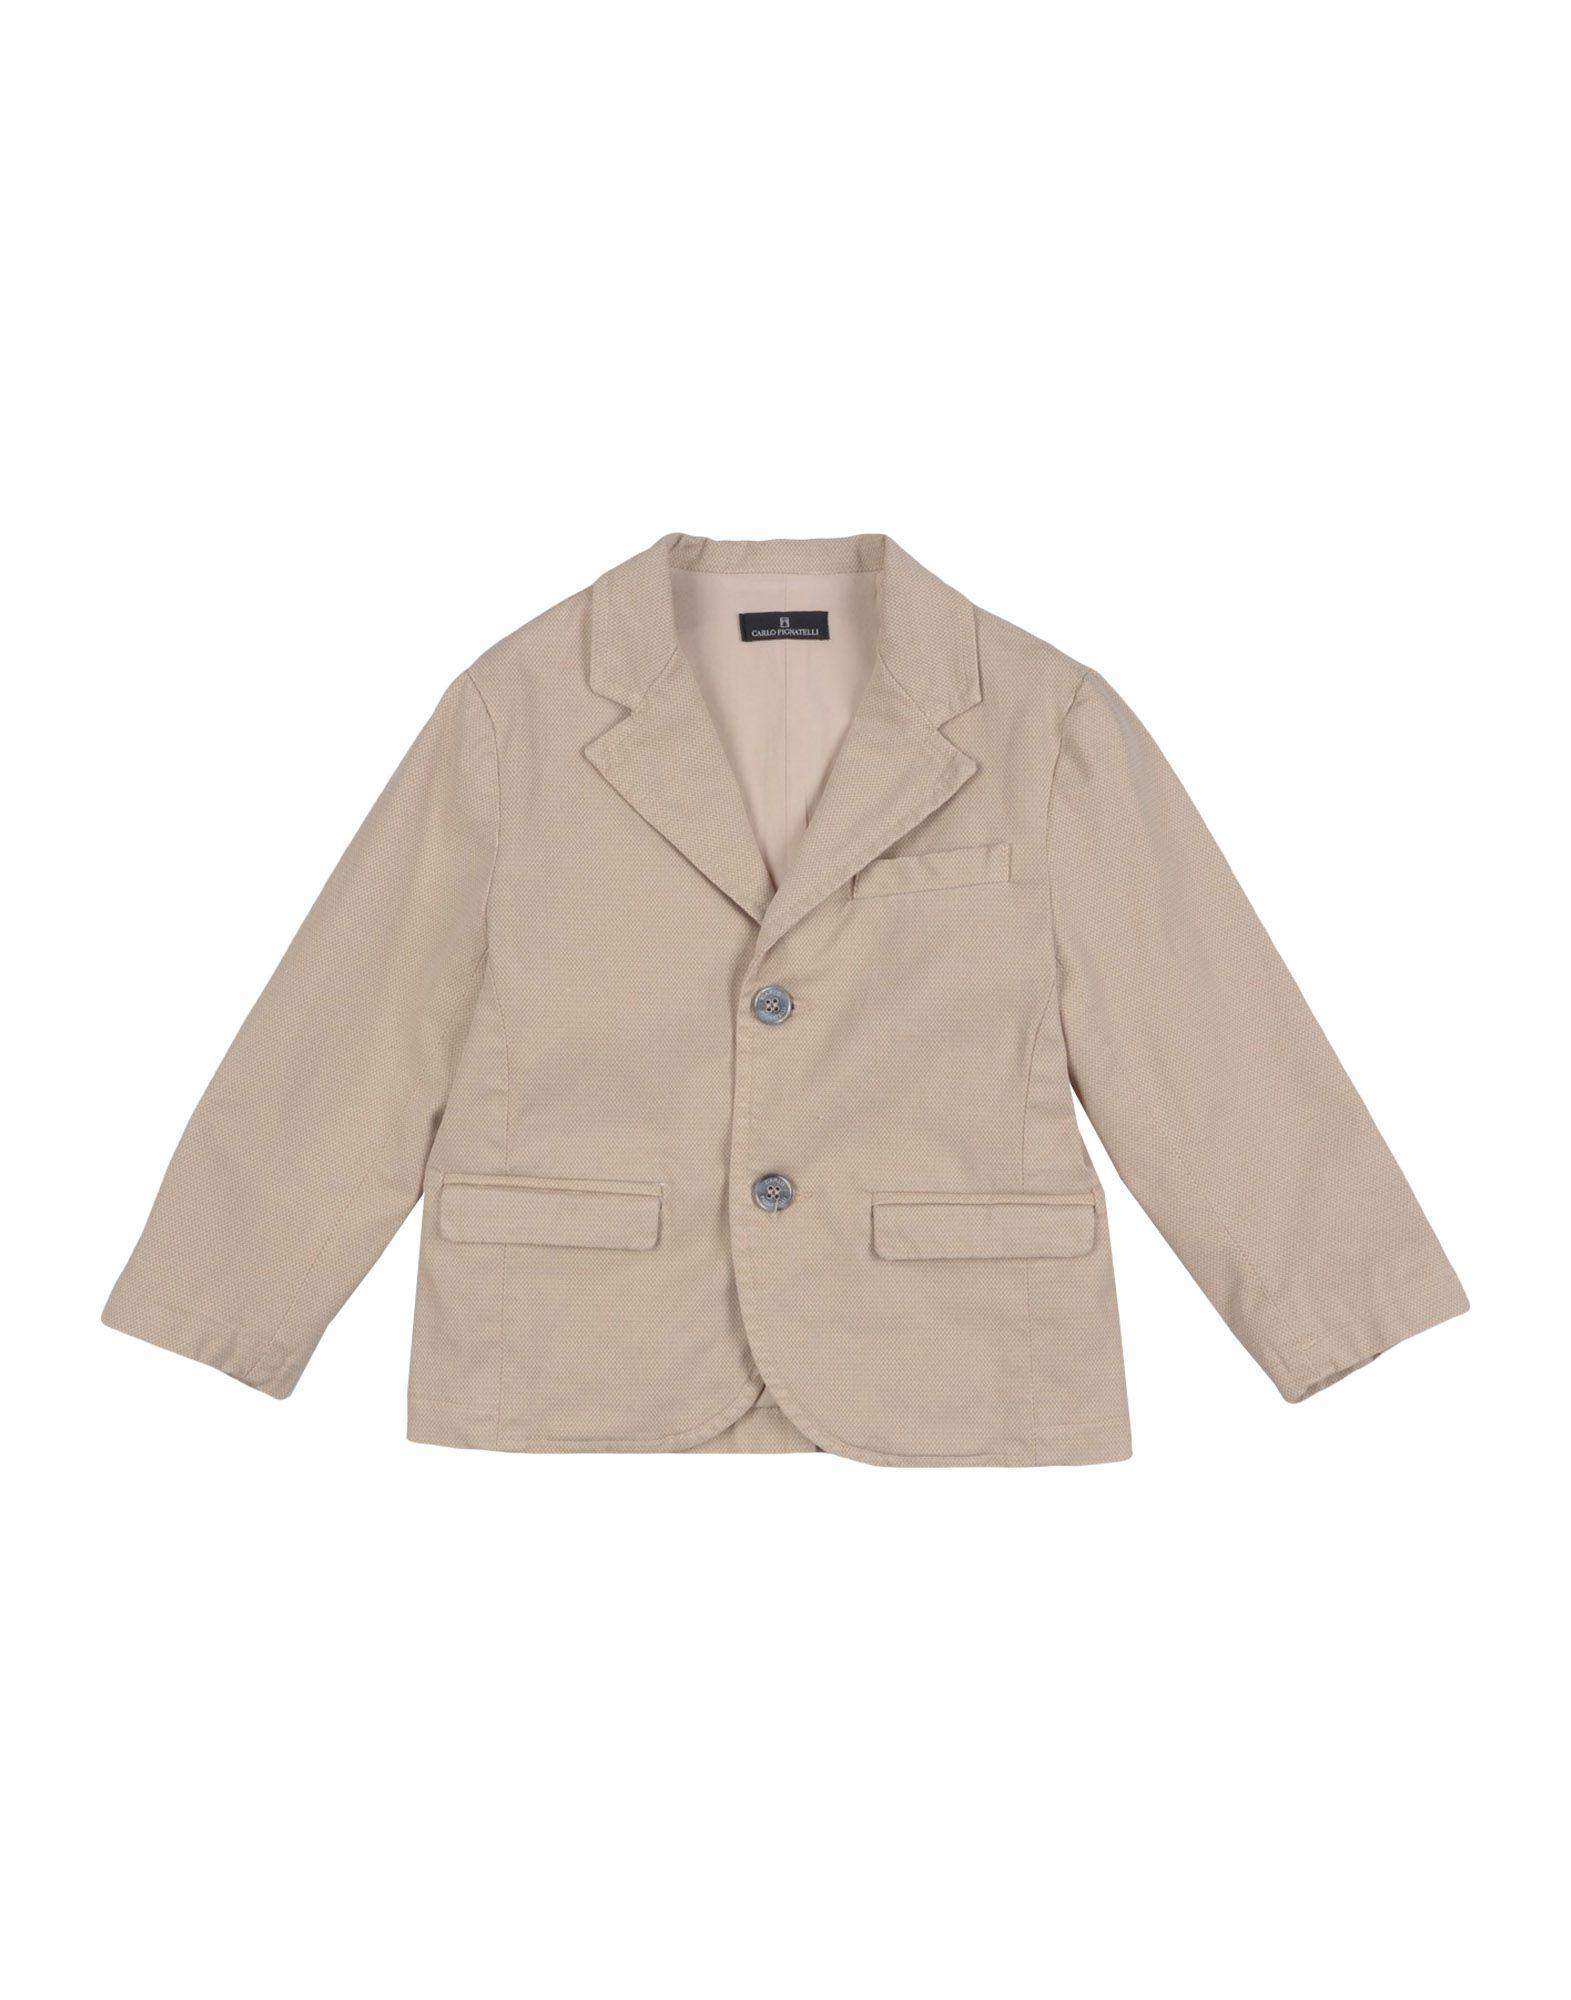 f7762c986ba Σακάκι Αγόρι Carlo Pignatelli 0-24 μηνών - Παιδικά ρούχα στο YOOX